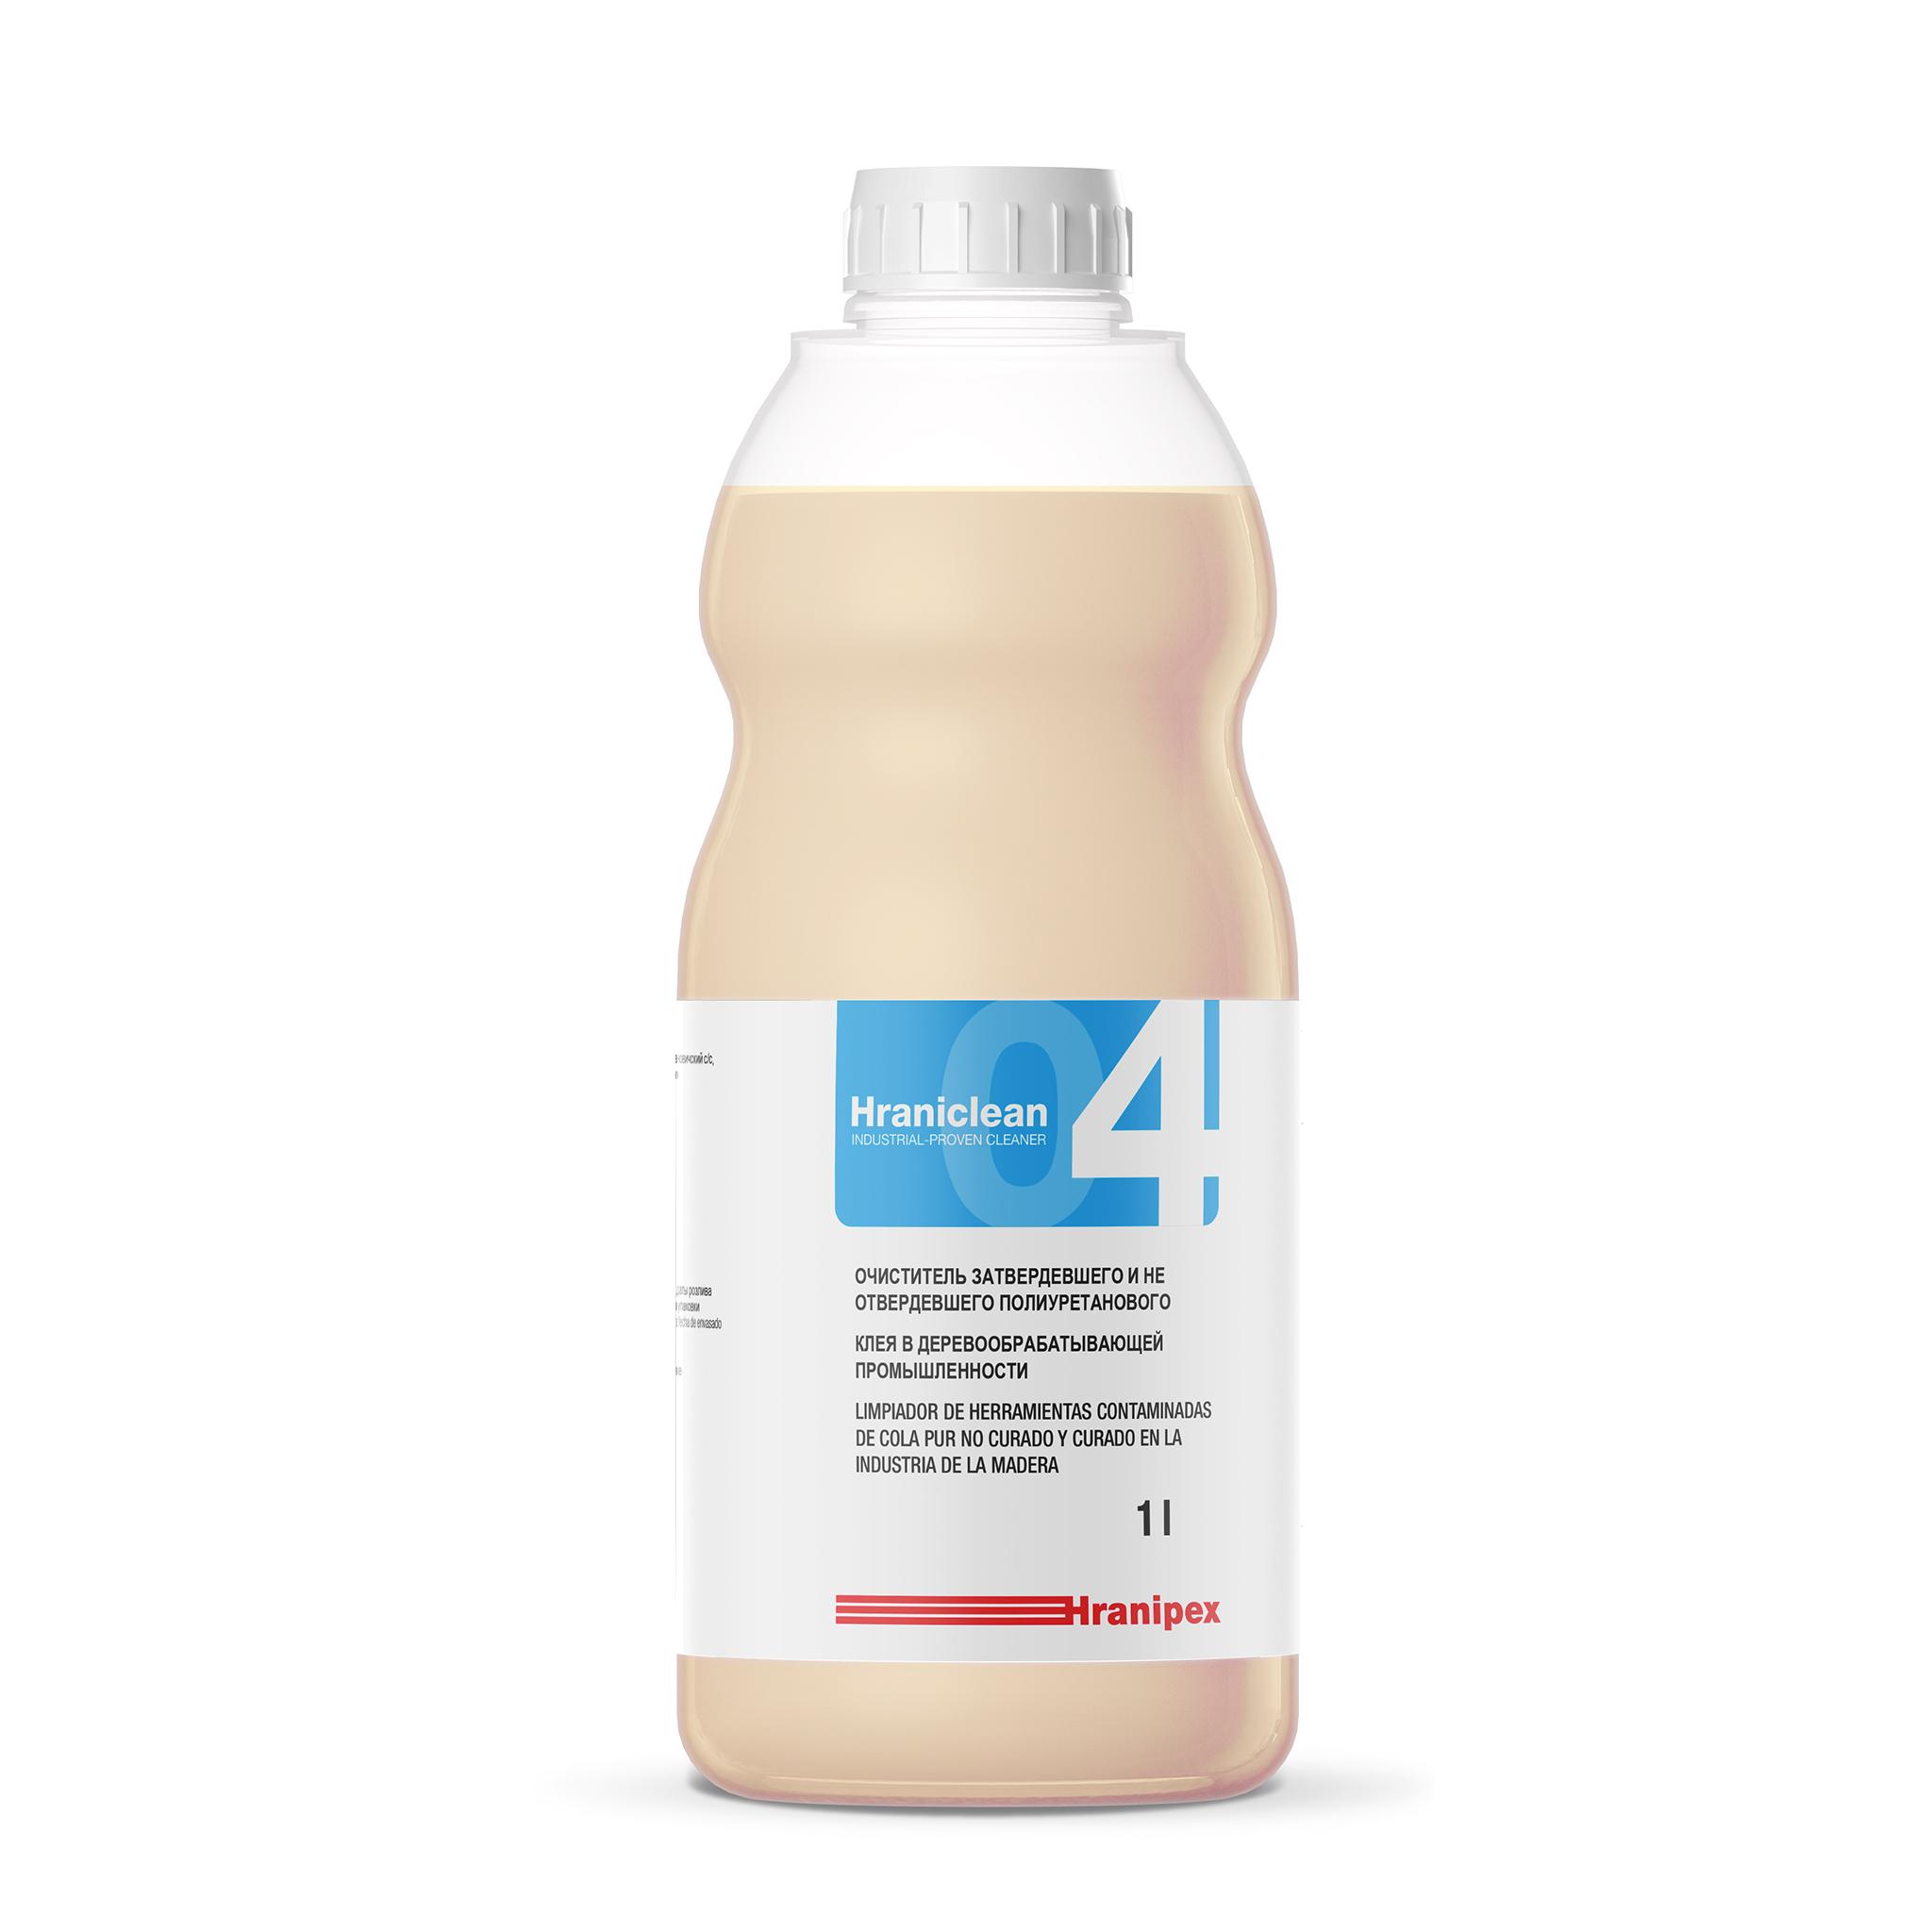 HRANICLEAN 04 Limpiador de adhesivo PUR endurecido